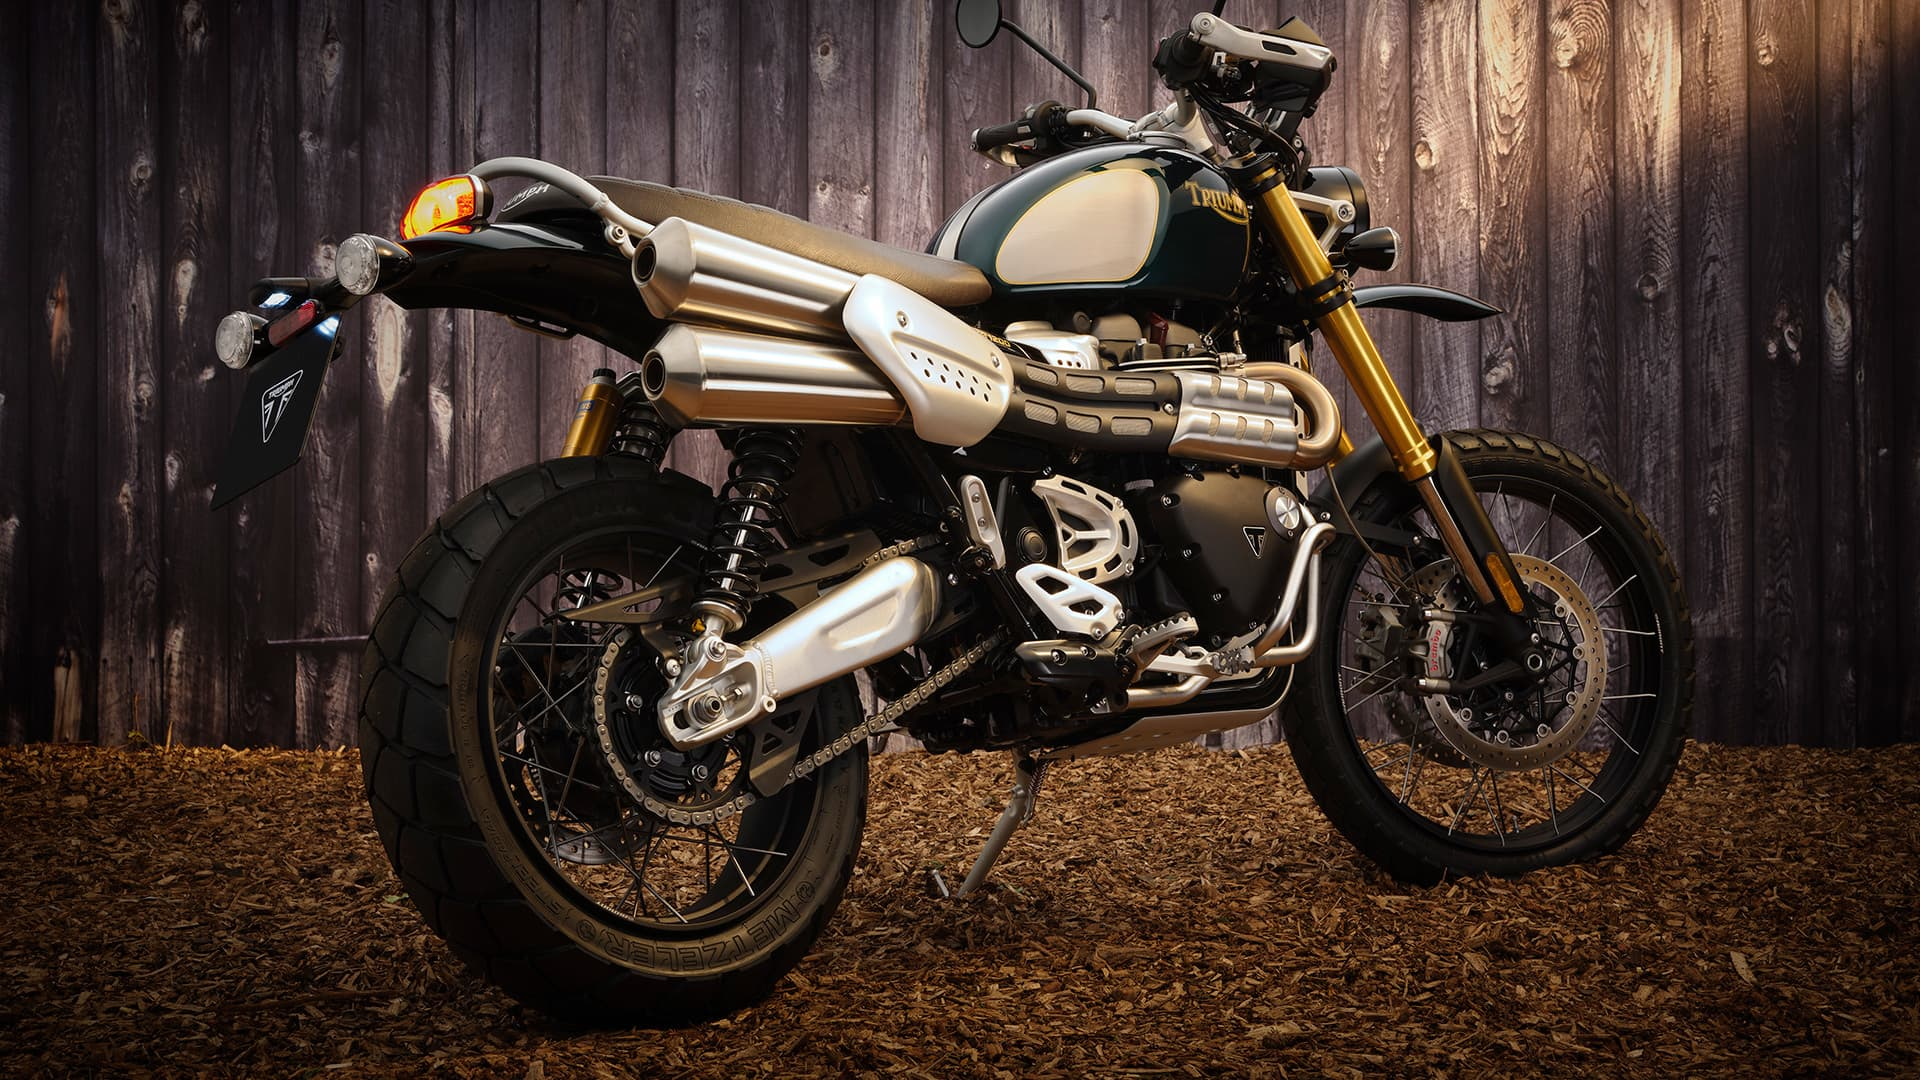 Triumph Scrambler Steve Mcqueen 1200 02